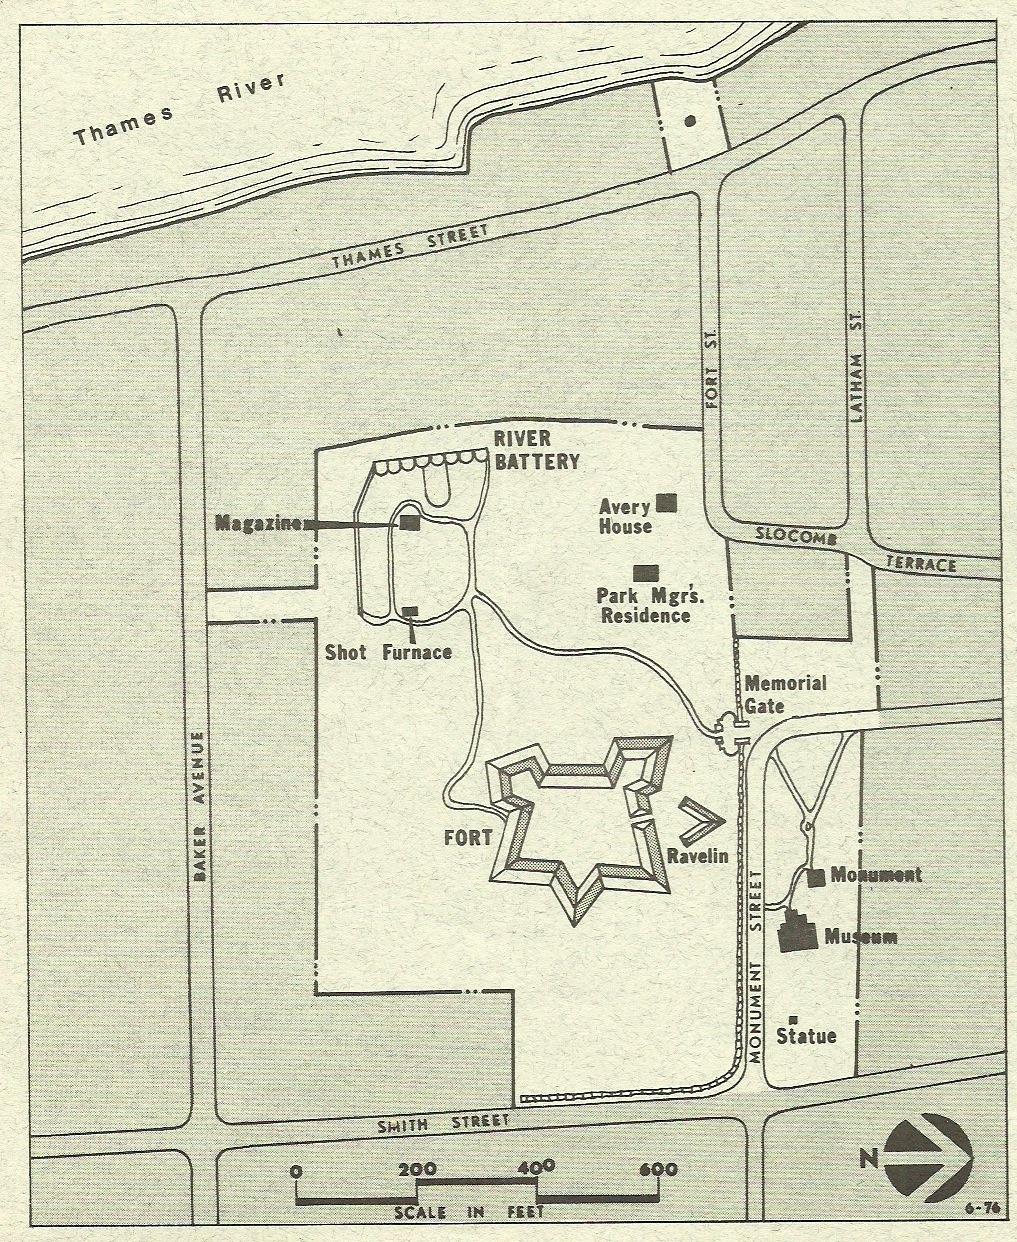 Vn 52-3 Fort Griswold